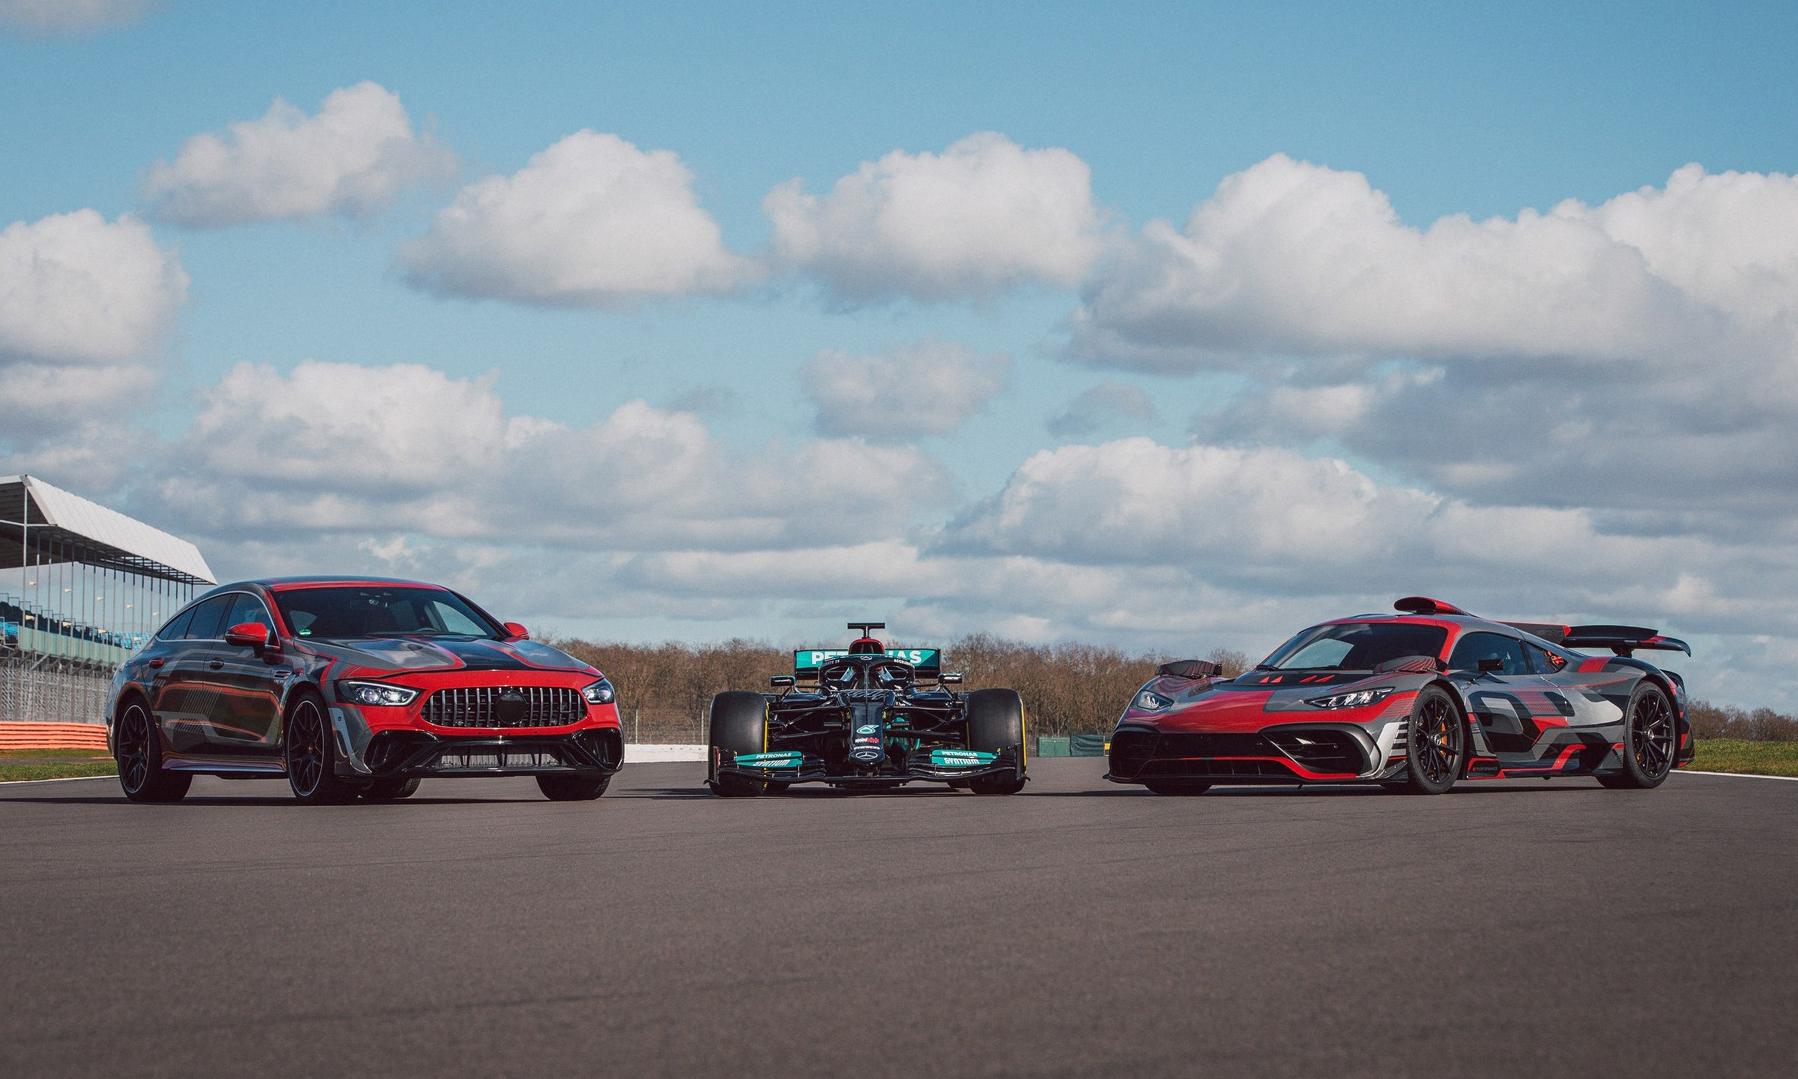 Từ trái qua phải: GT 73, xe đua F1 W12 và hypercar One trong một sự kiện nội bộ của hãng. Ảnh: Mercedes